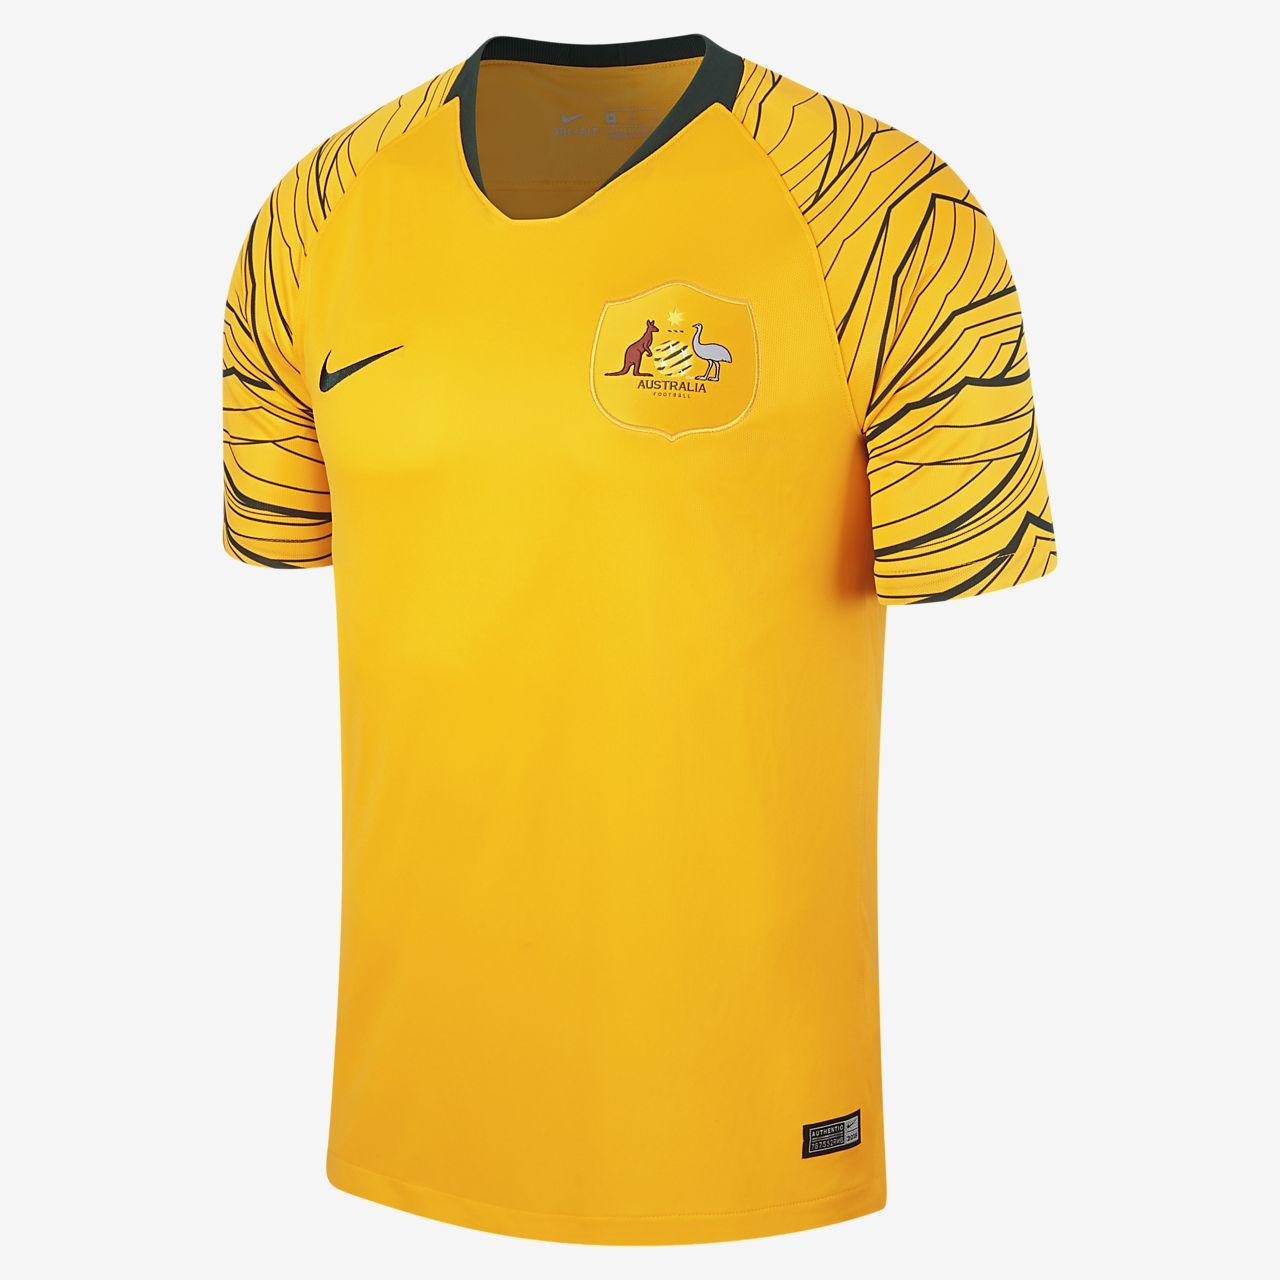 2018 Australia Stadium Home Voetbalshirt voor heren